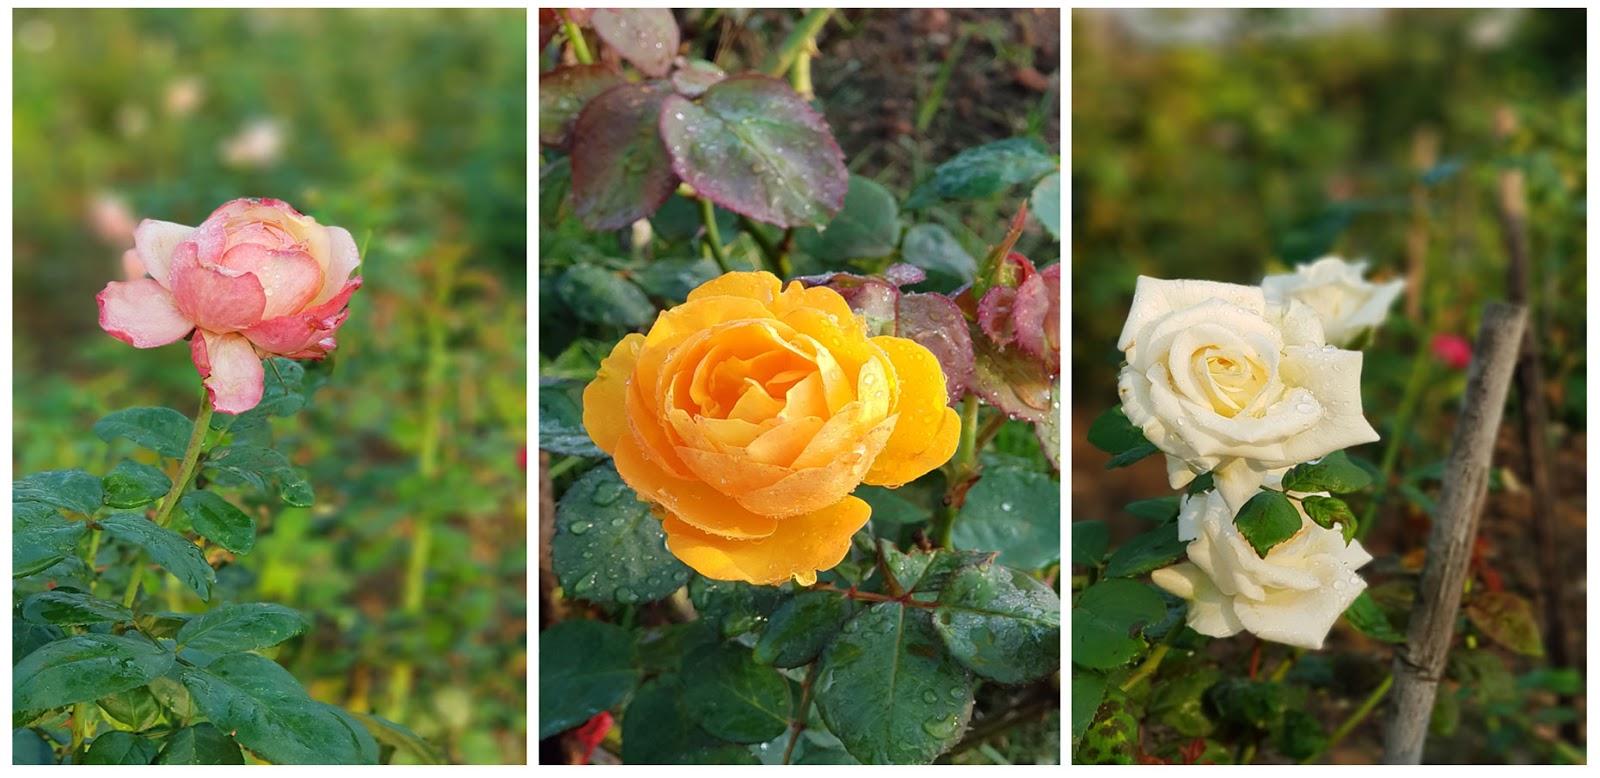 ดอกกุหลาบหลากสี